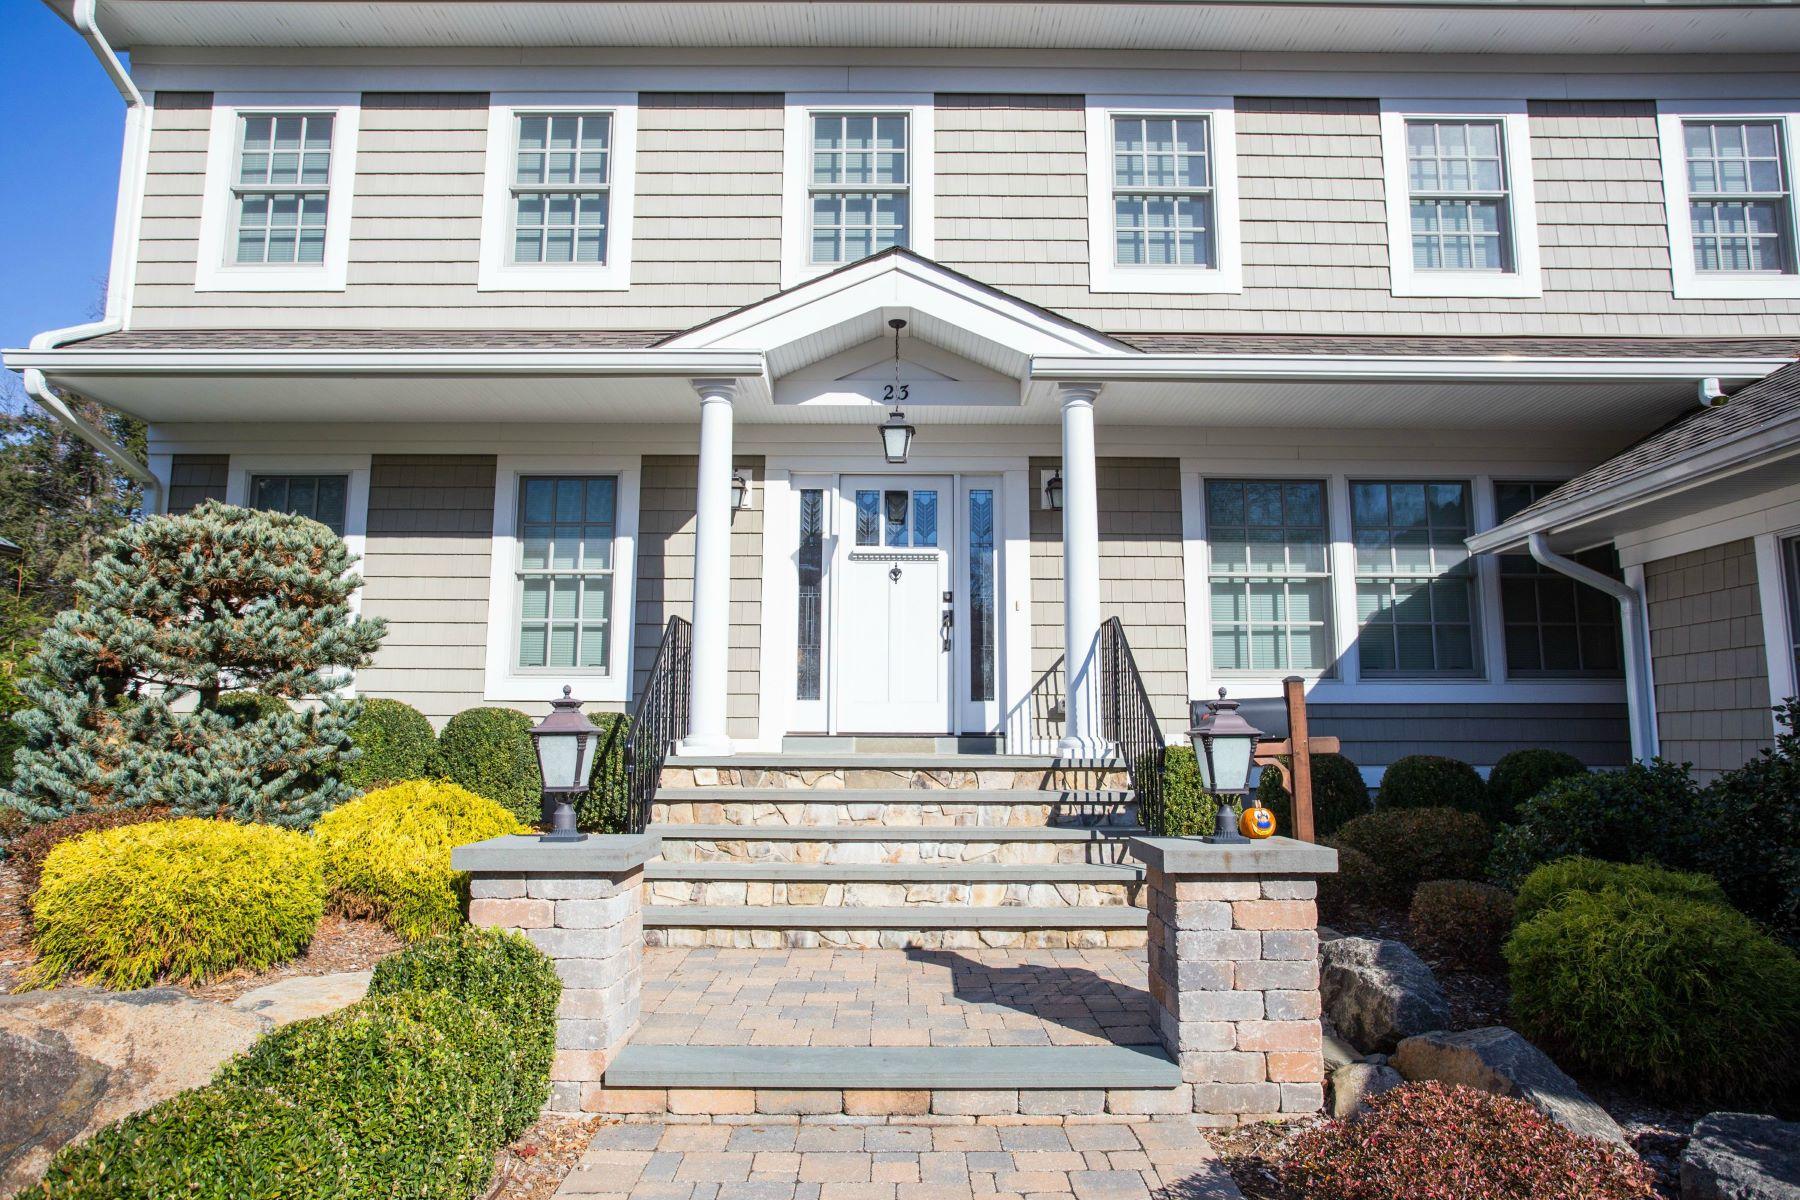 Single Family Homes por un Venta en Beautifully Renovated in Tenafly! 23 Sisson Terrace Tenafly, Nueva Jersey 07670 Estados Unidos